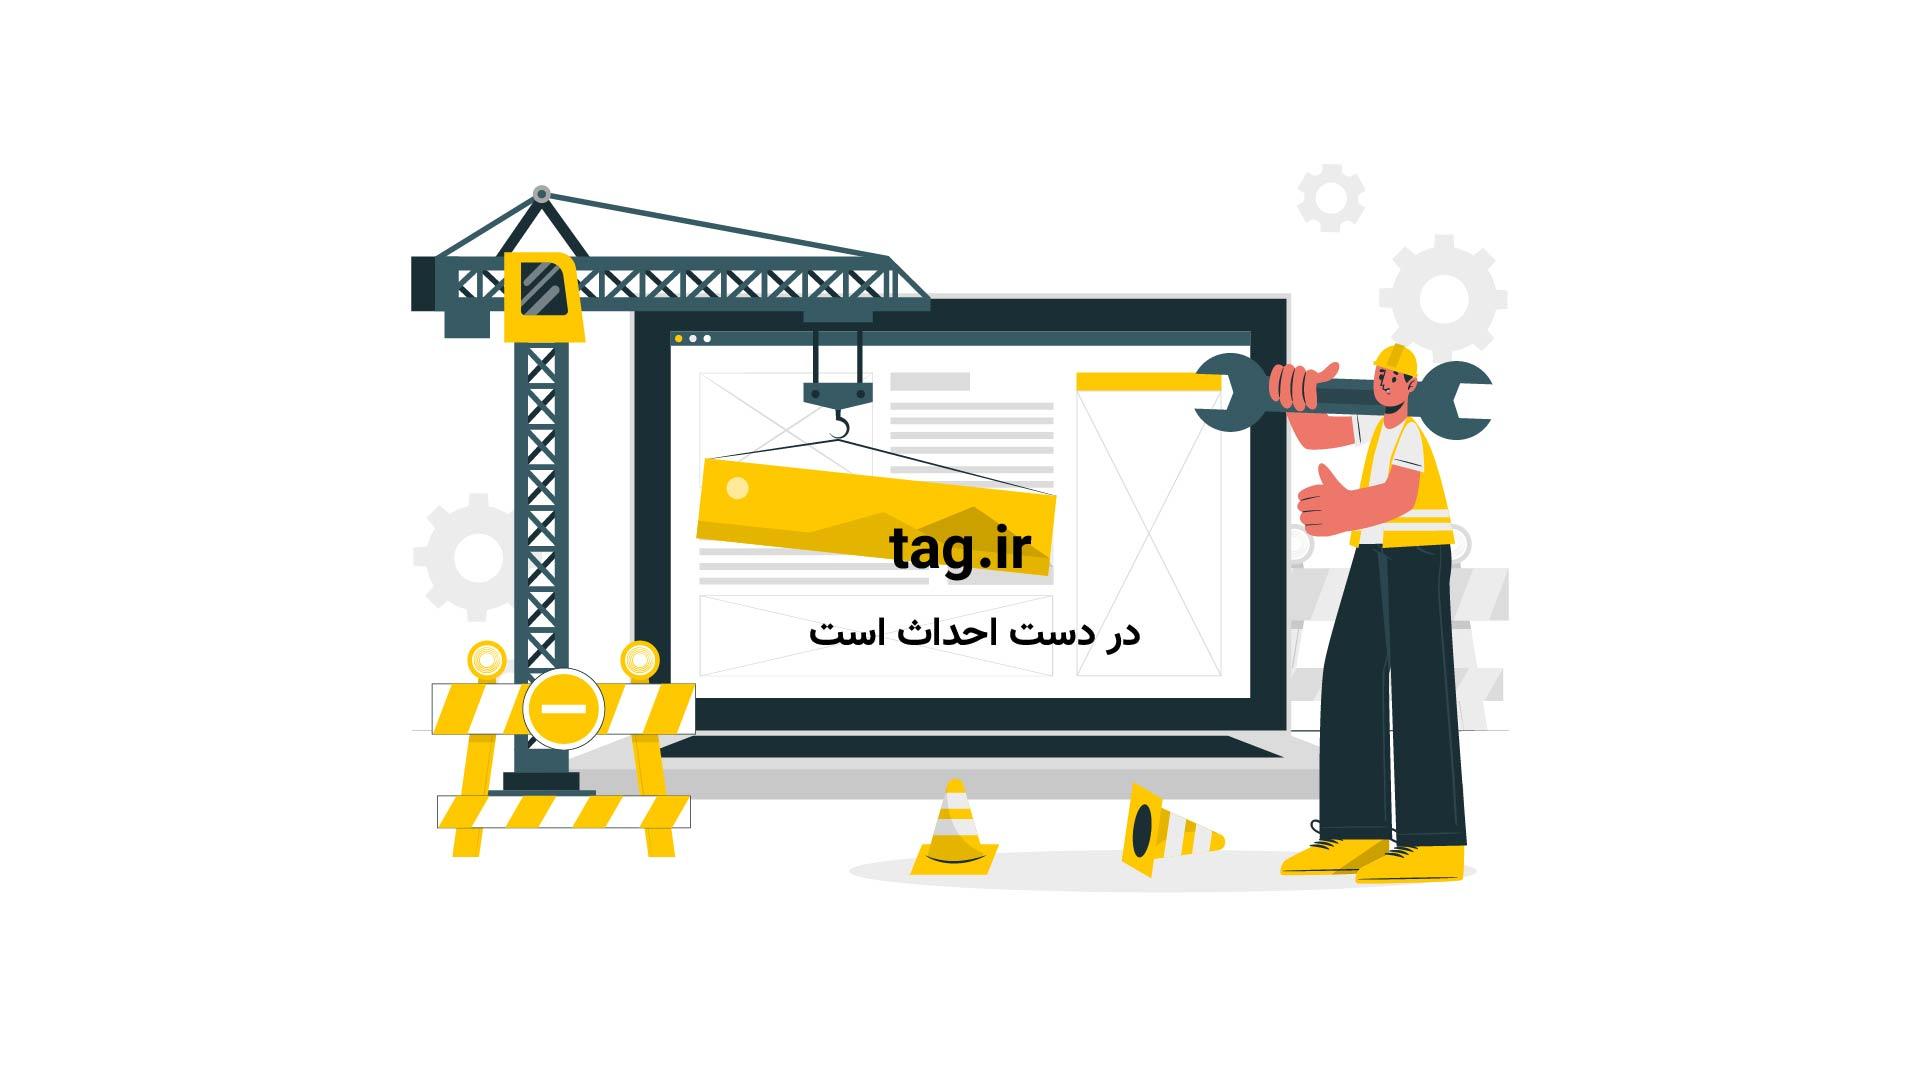 آموزش تزیین دکوراسیون خانه تنها با استفاده از شناخت رنگ ها | فیلم